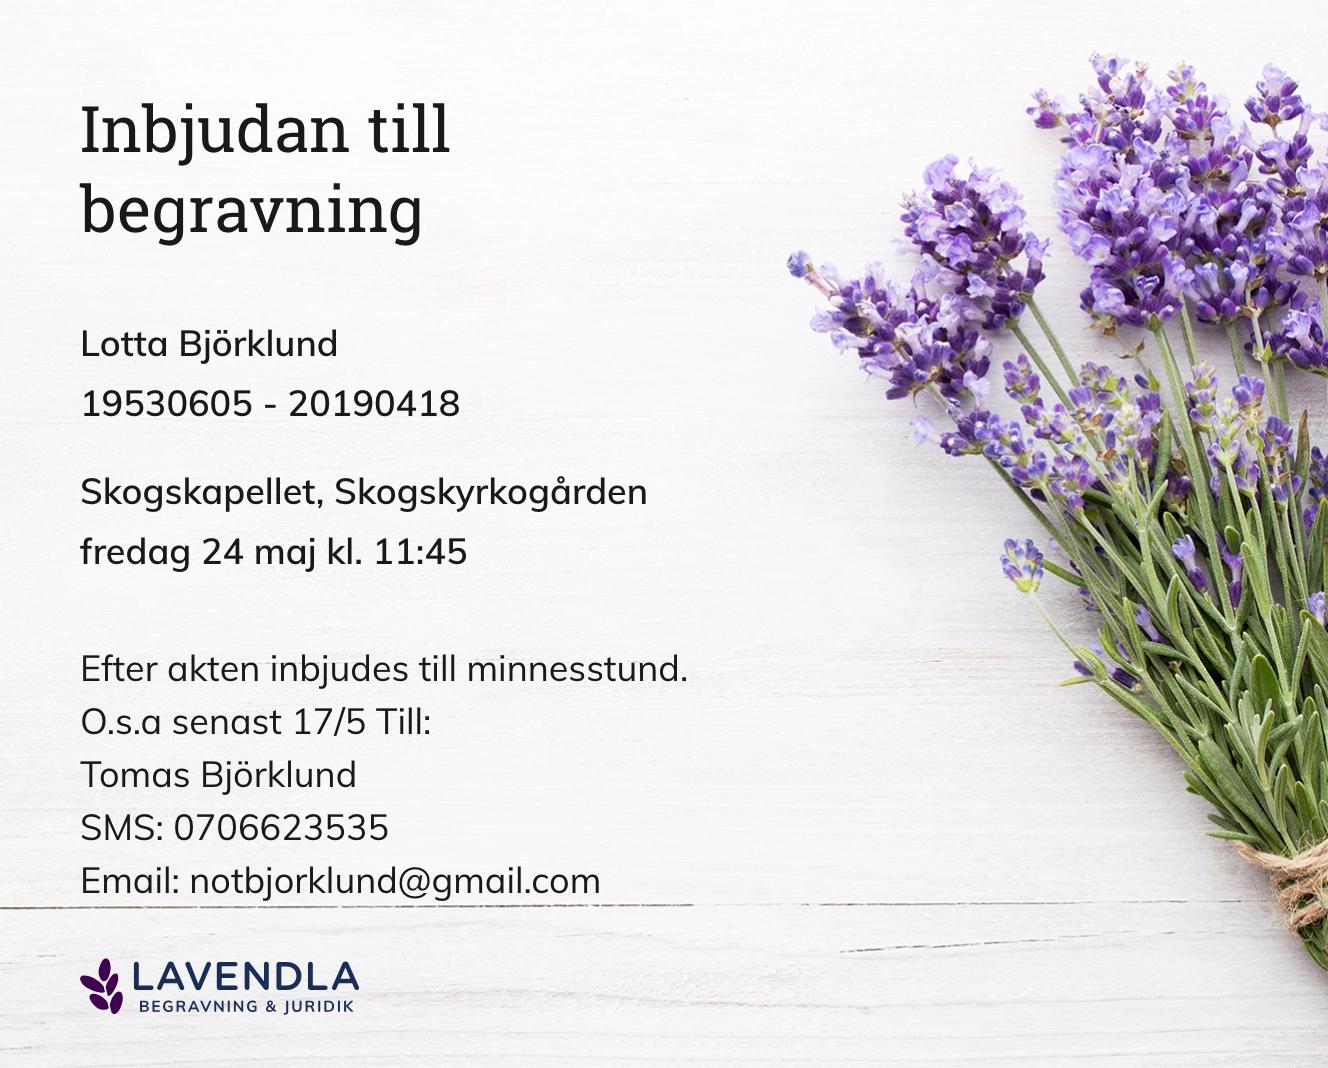 Inbjudningskort till ceremonin för Lotta Björklund